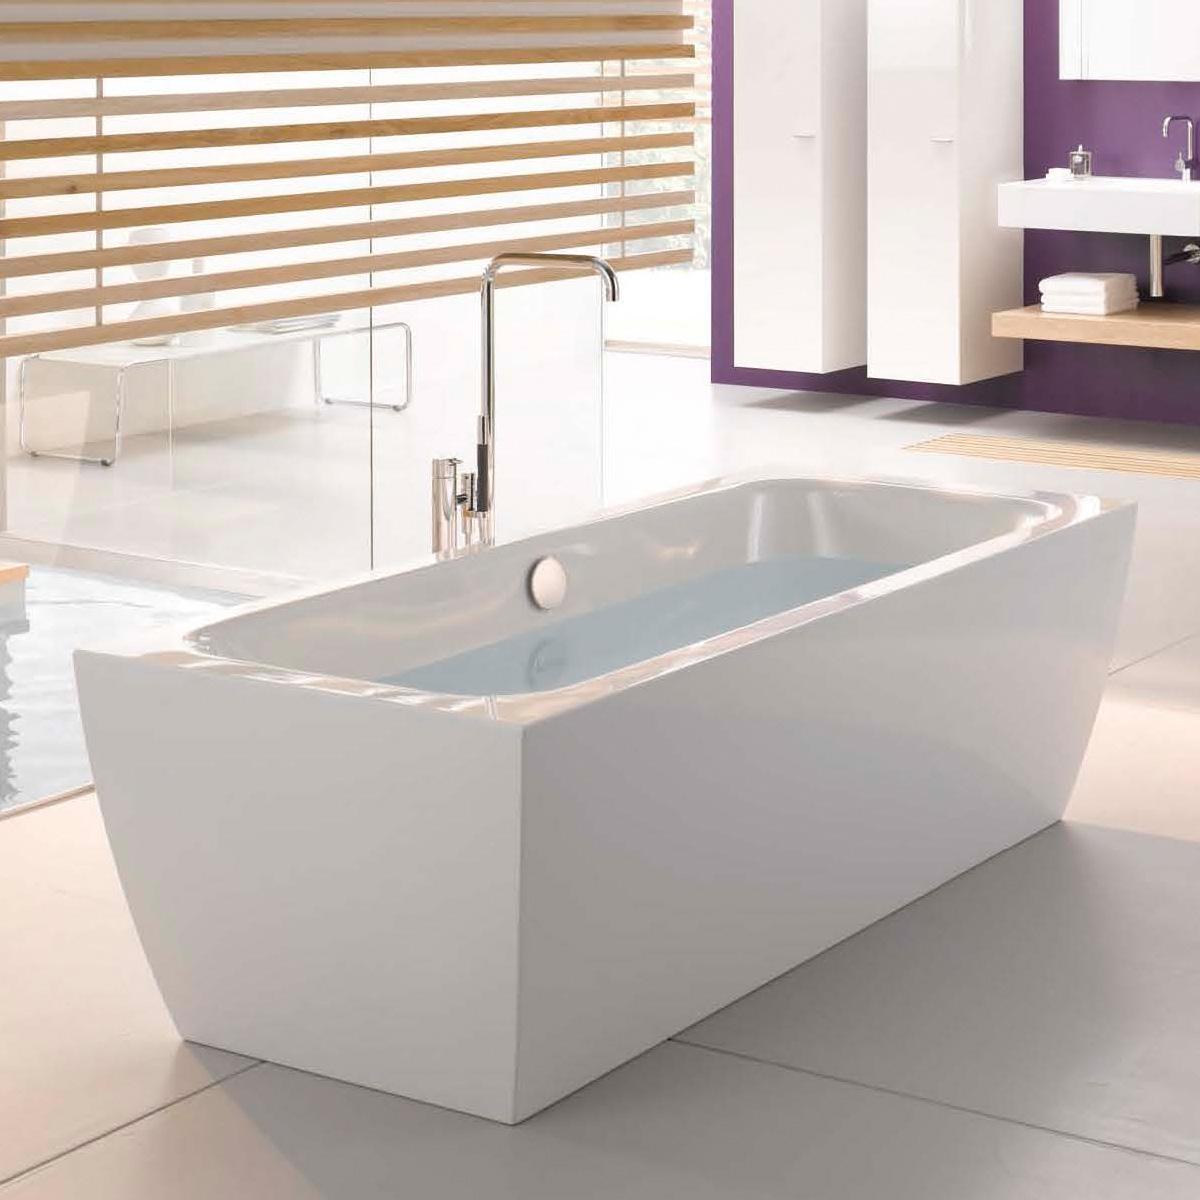 bette cubo silhouette freistehende badewanne wei mit multiplex m5 in chrom 8431 000cfxxk b601. Black Bedroom Furniture Sets. Home Design Ideas